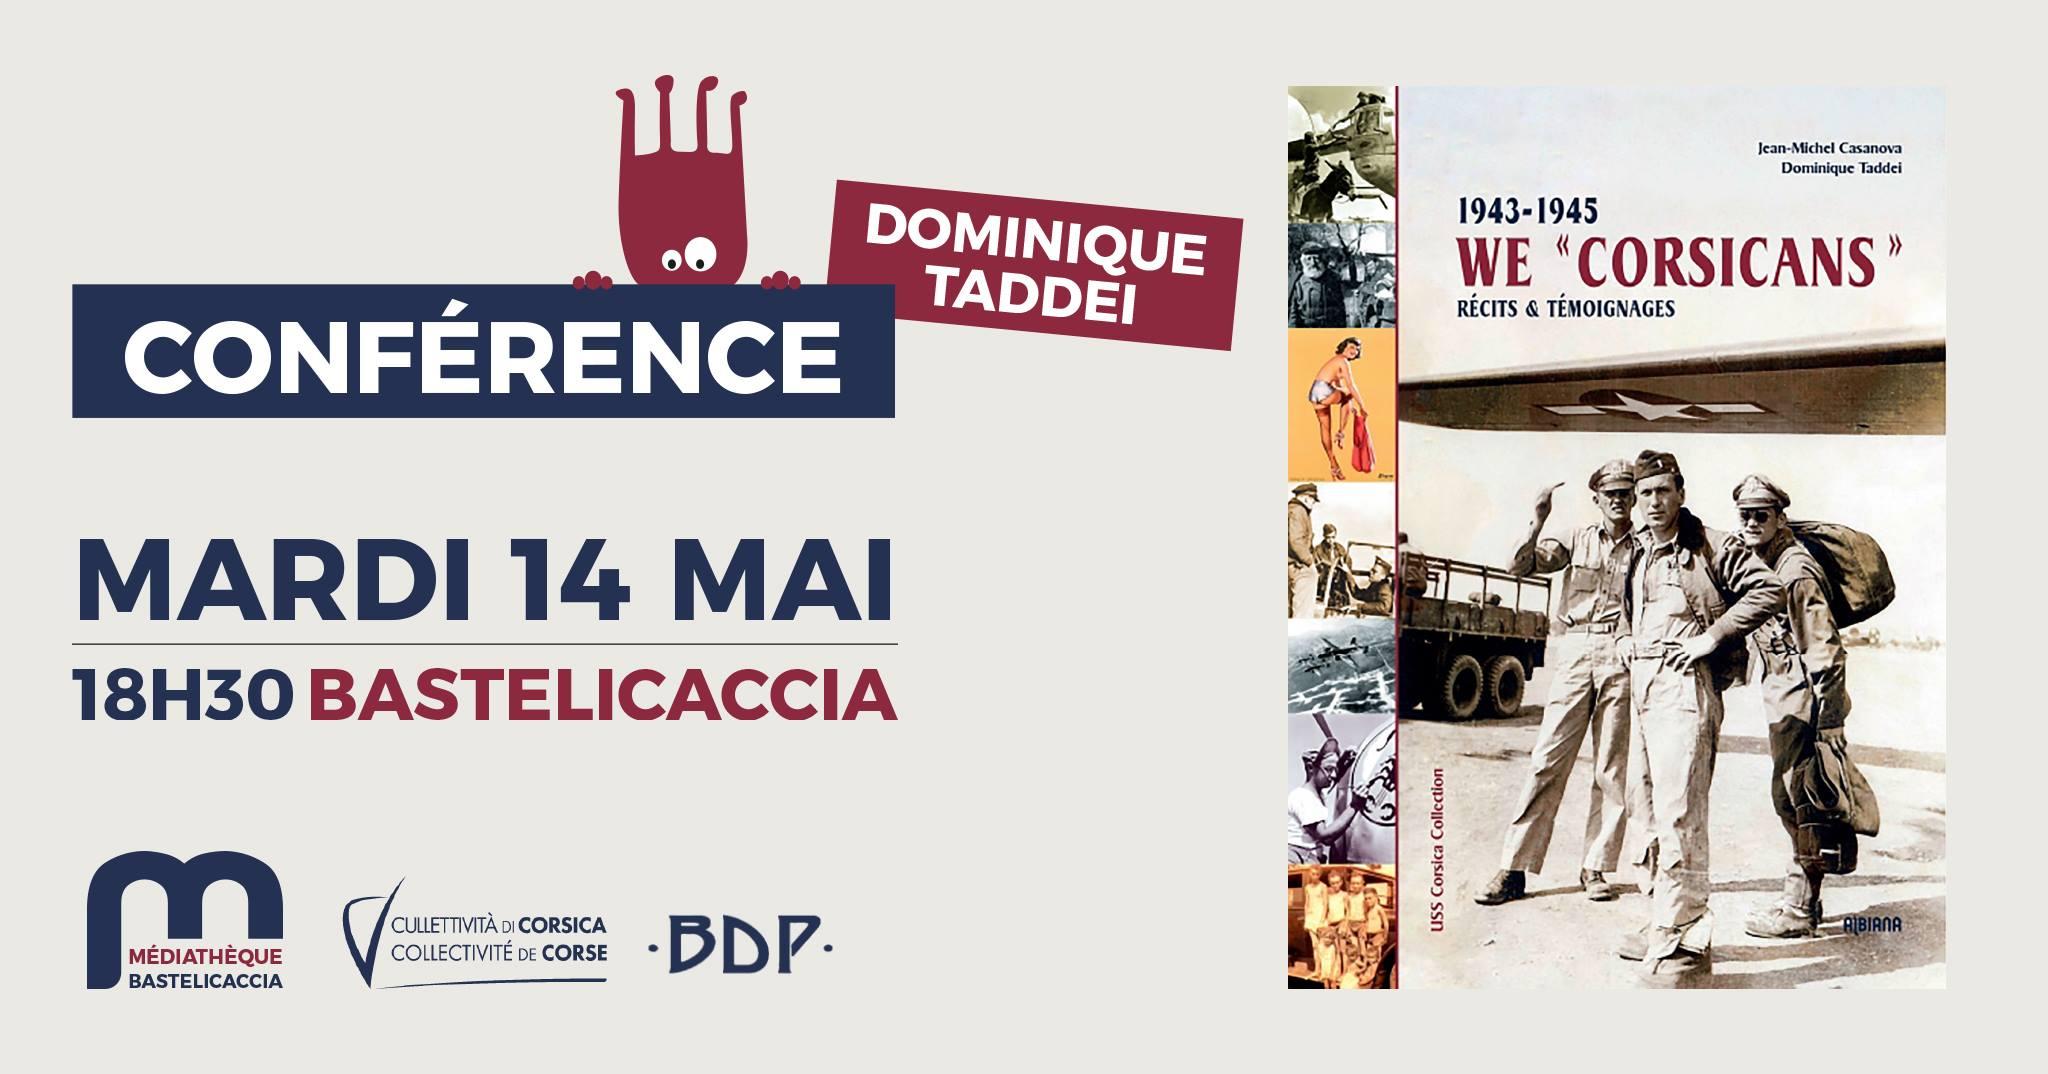 We Corsicans : Dominique Taddei en conférence à Bastelicaccia